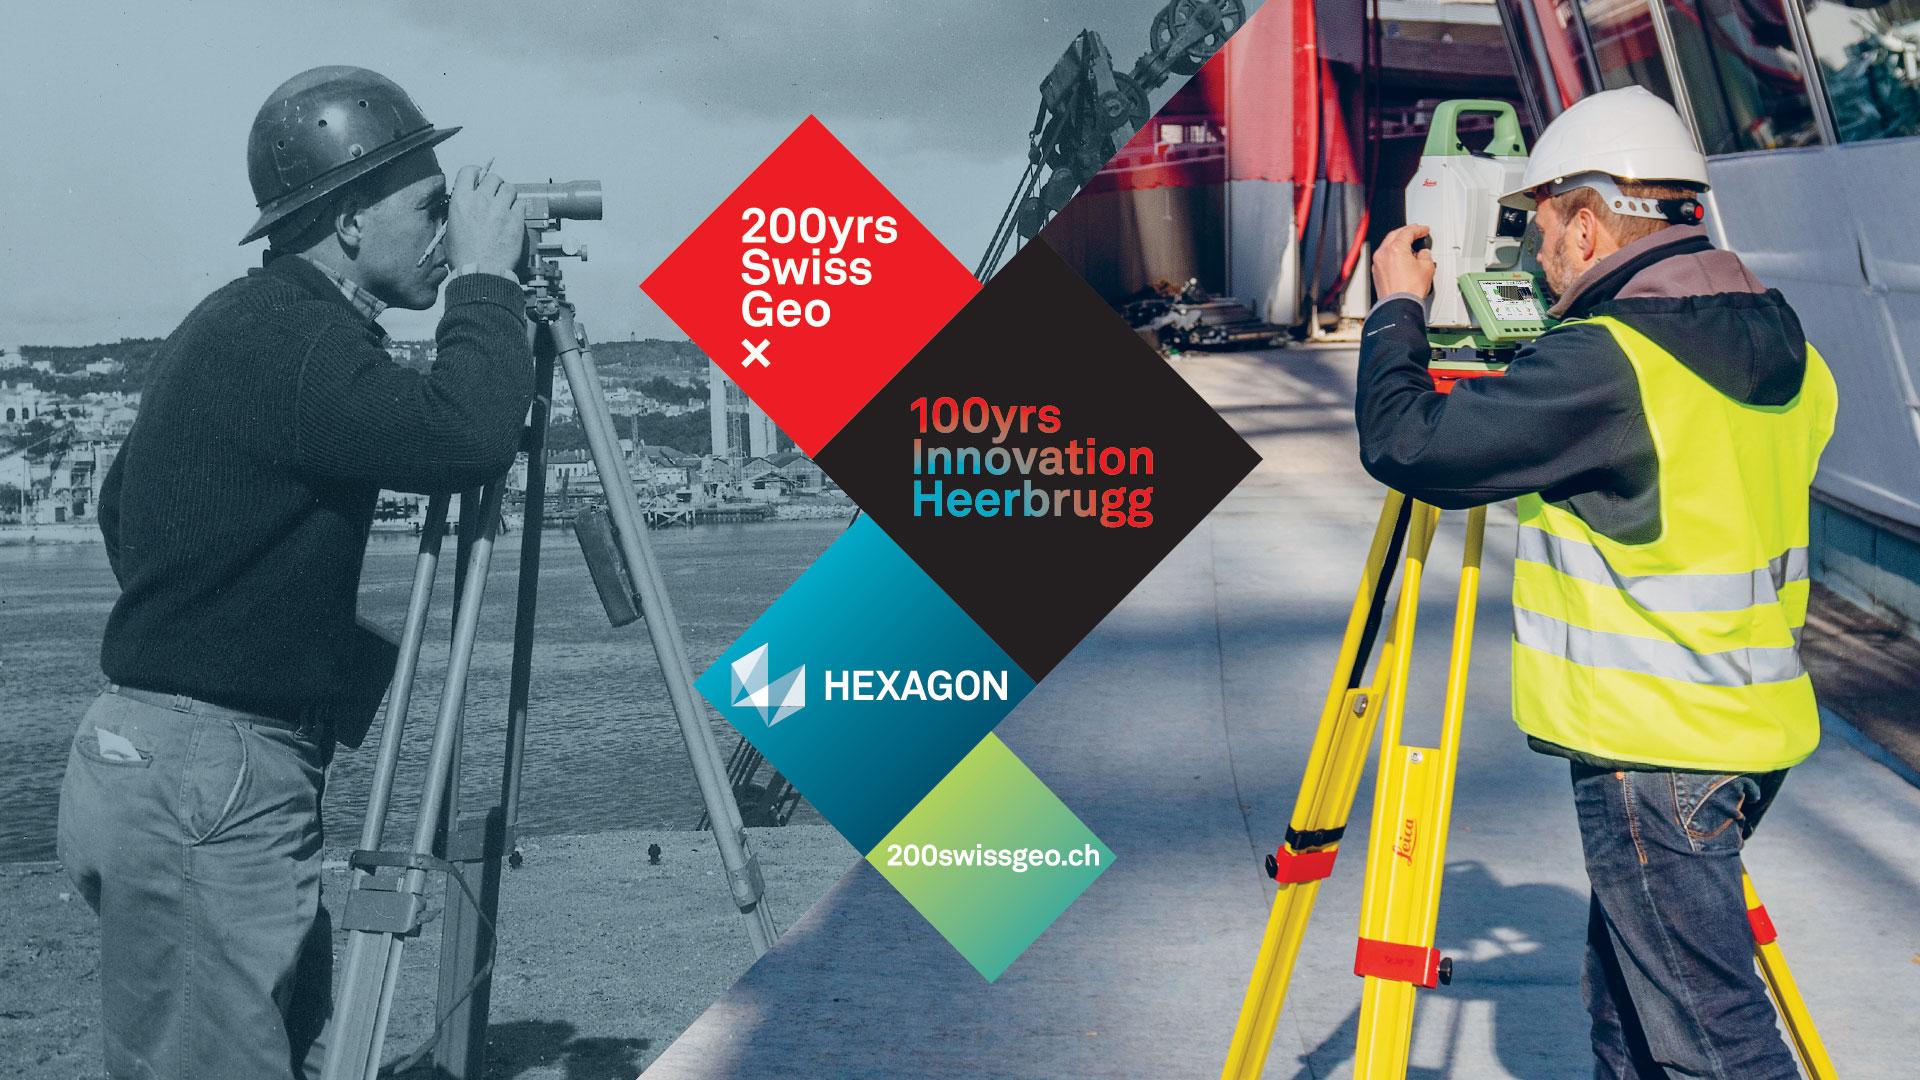 Hexagon/Leica firar 100 år av instrumenttillverkning i Heerbrugg